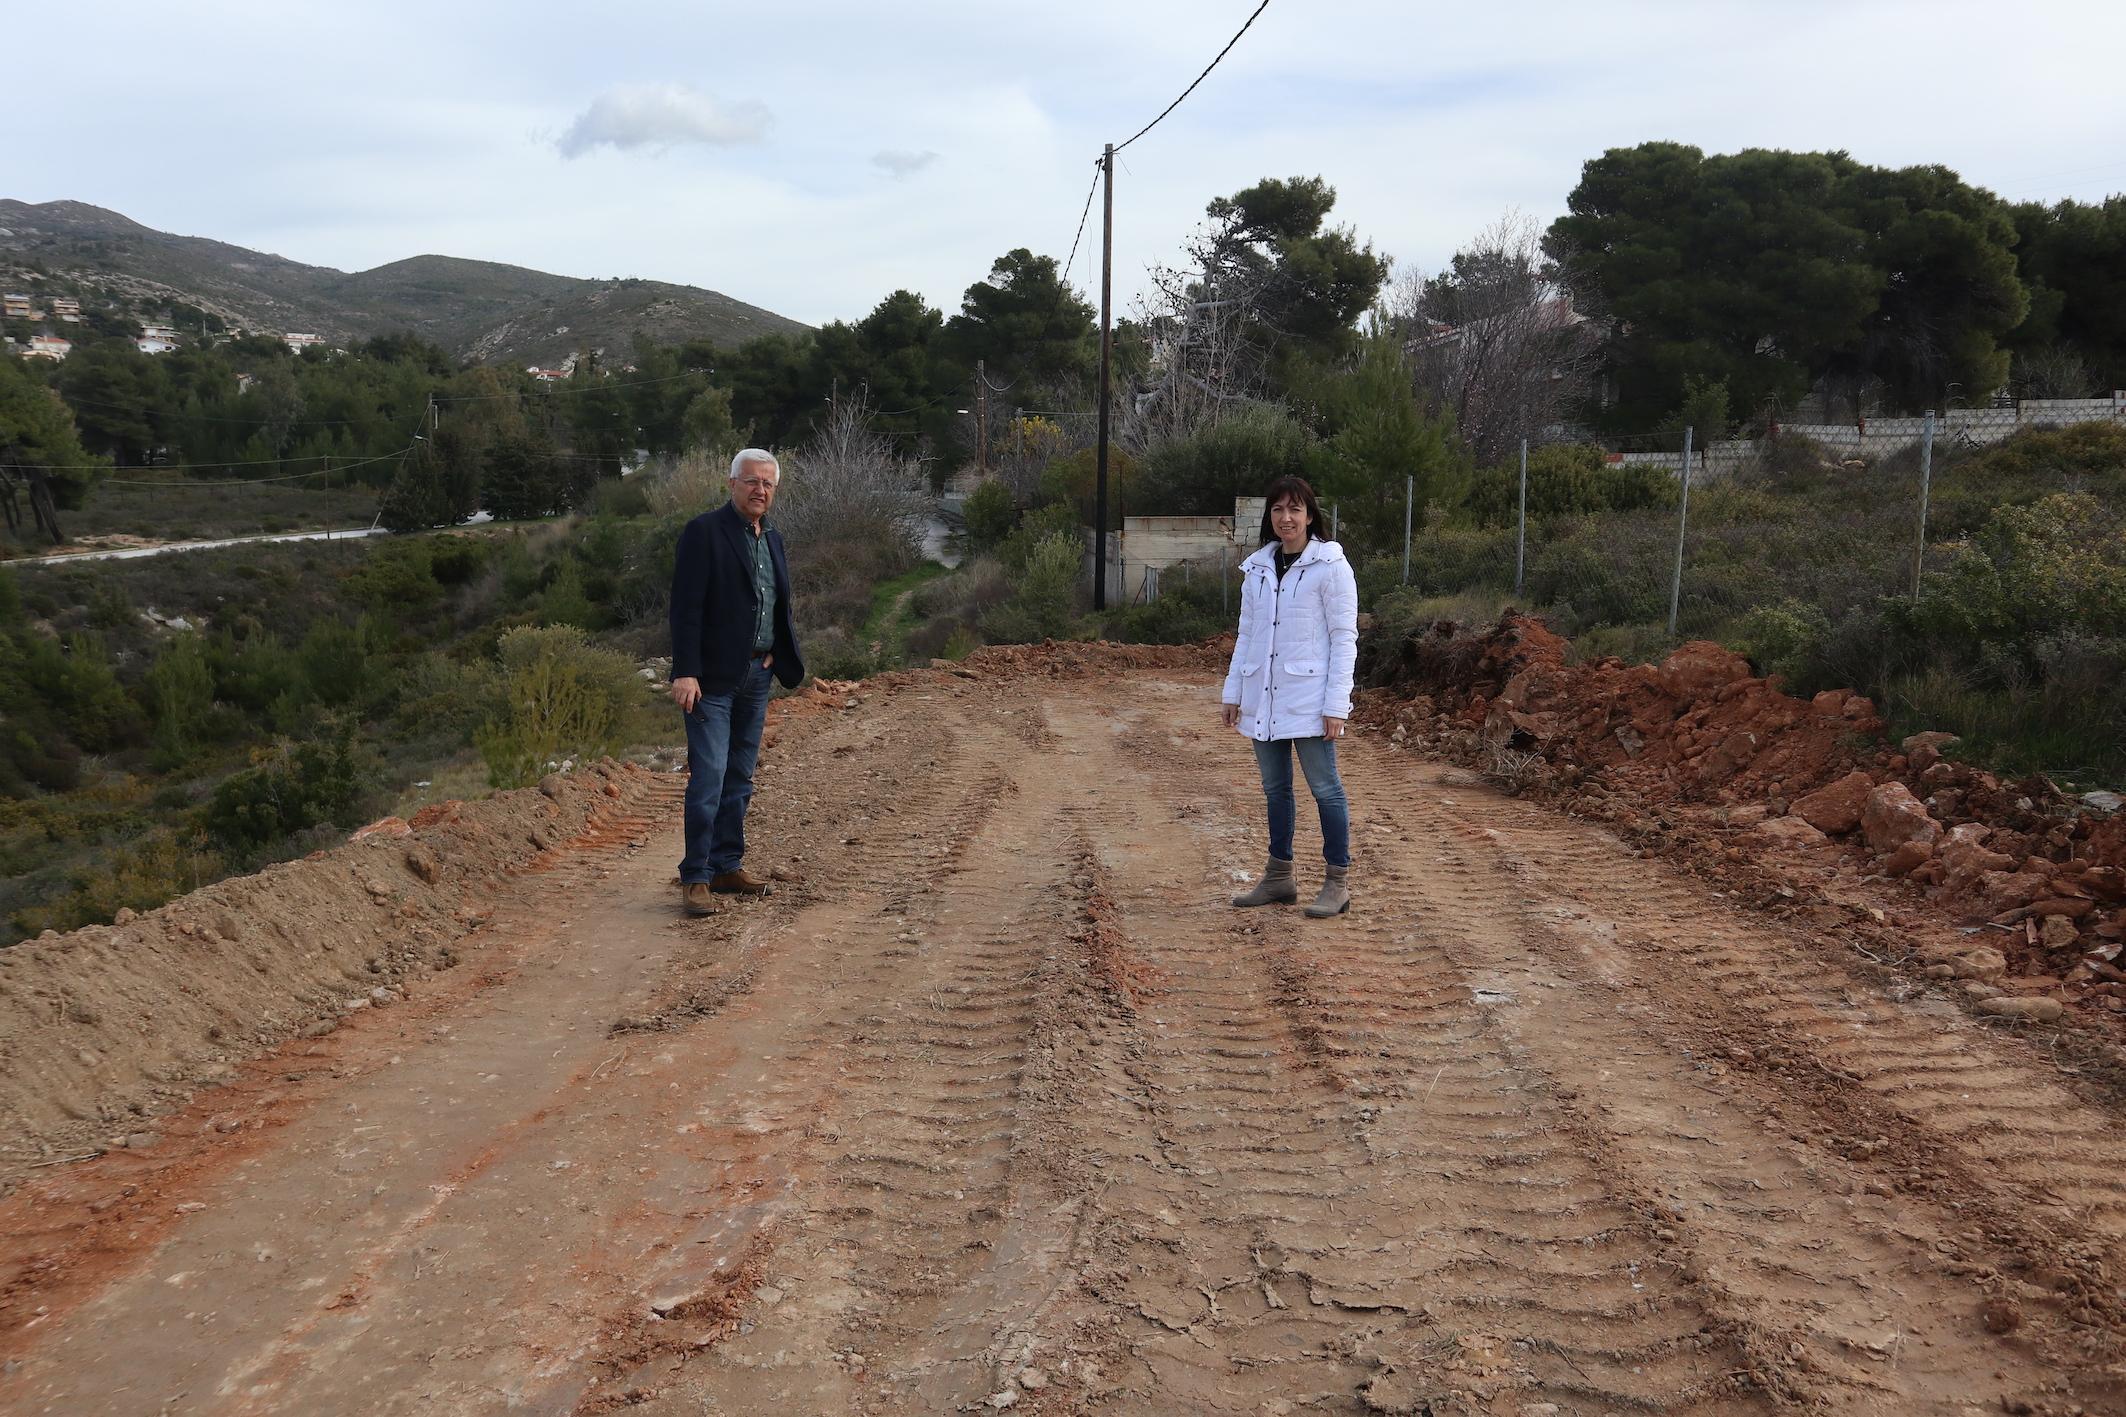 Δήμητρα Κεχαγιά: Προχωρούν τα προπαρασκευαστικά έργα αποχέτευσης